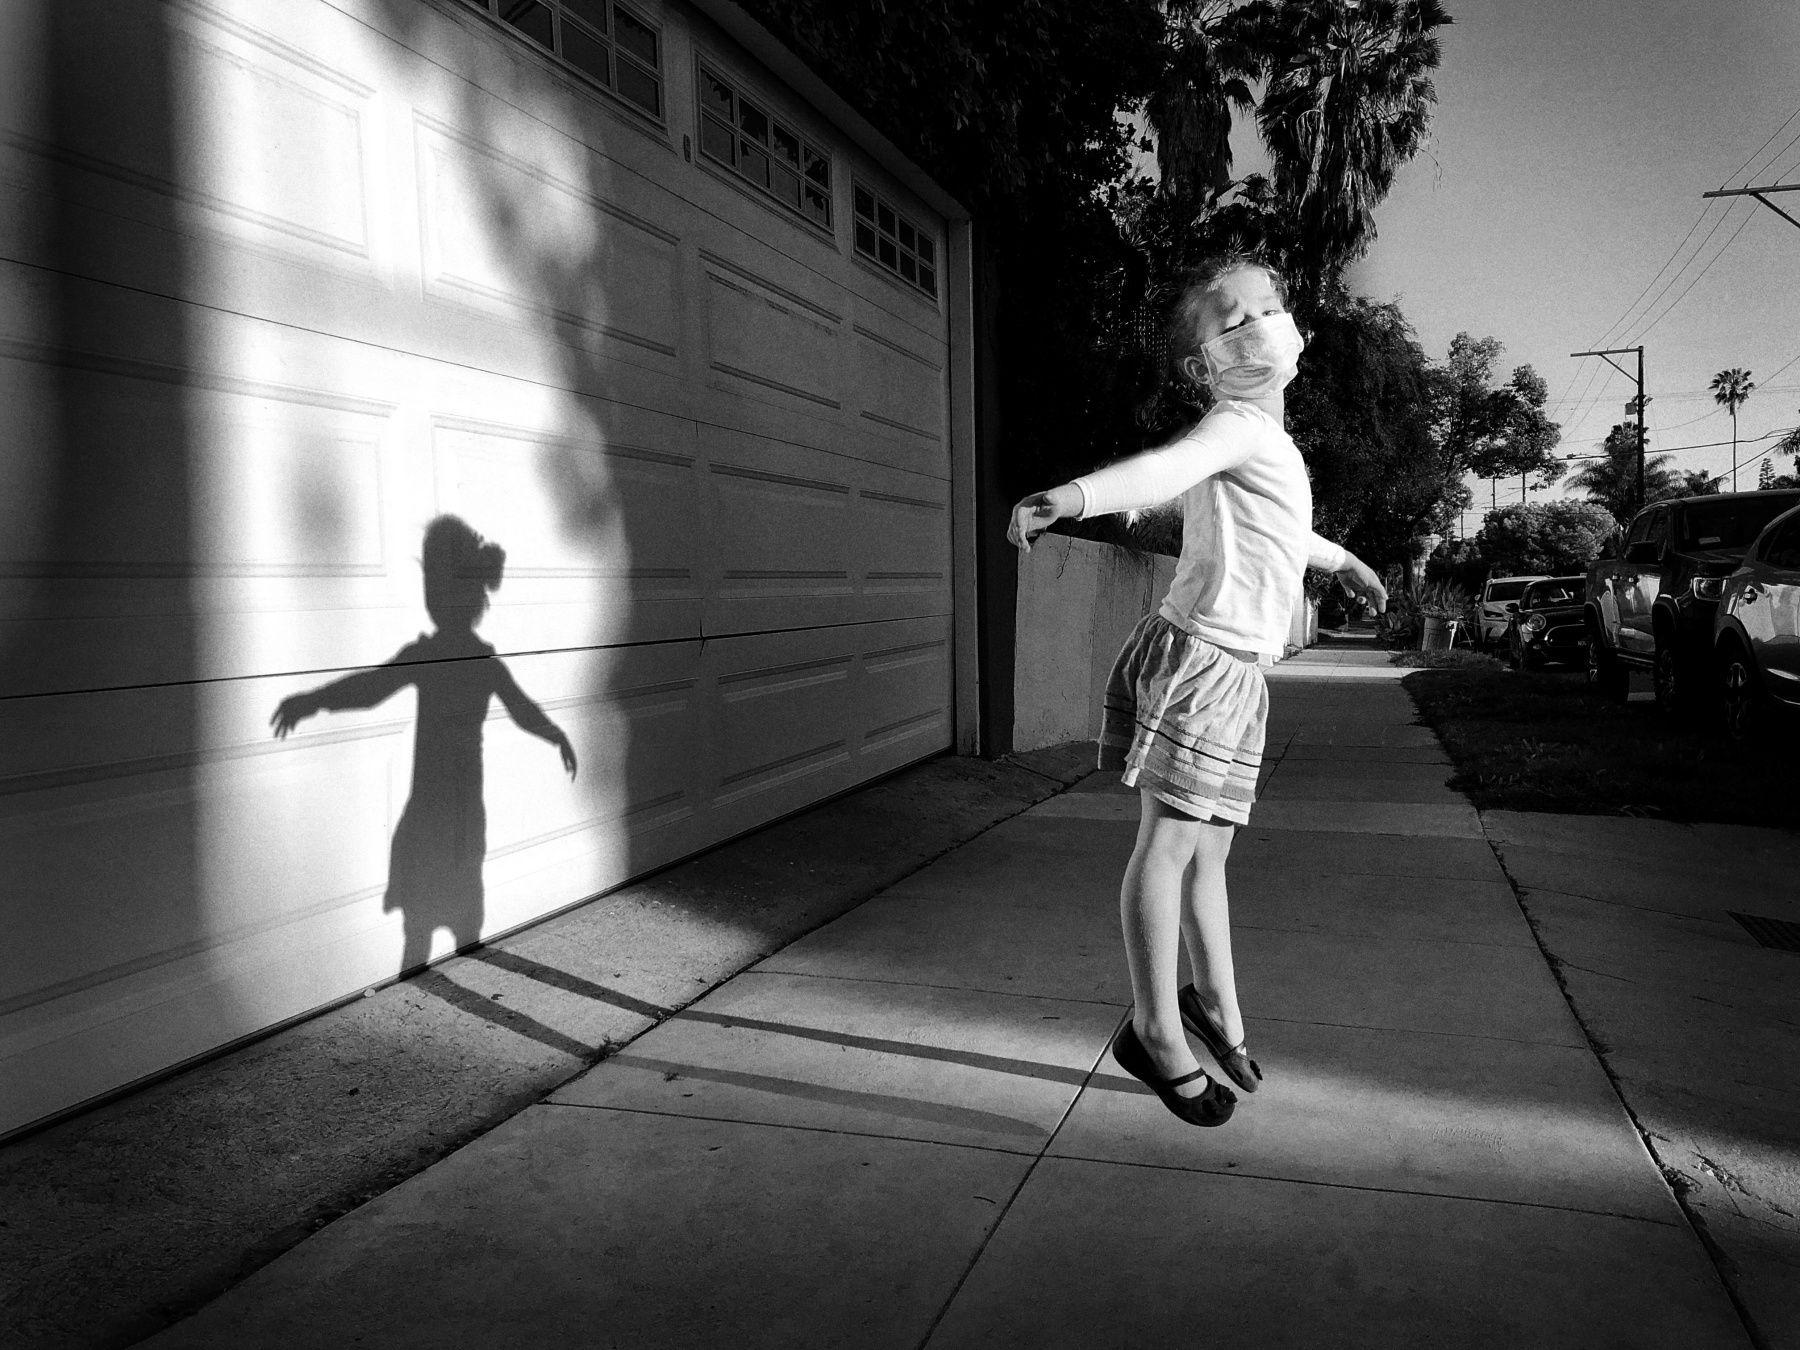 攝影師獎第三名是來自美國洛杉磯的 Jeff Rayner,他的照片 Side-Walking on Air 以 iPhone X 拍攝一個女孩在人行道上彷彿無重力地飄浮在光影中。